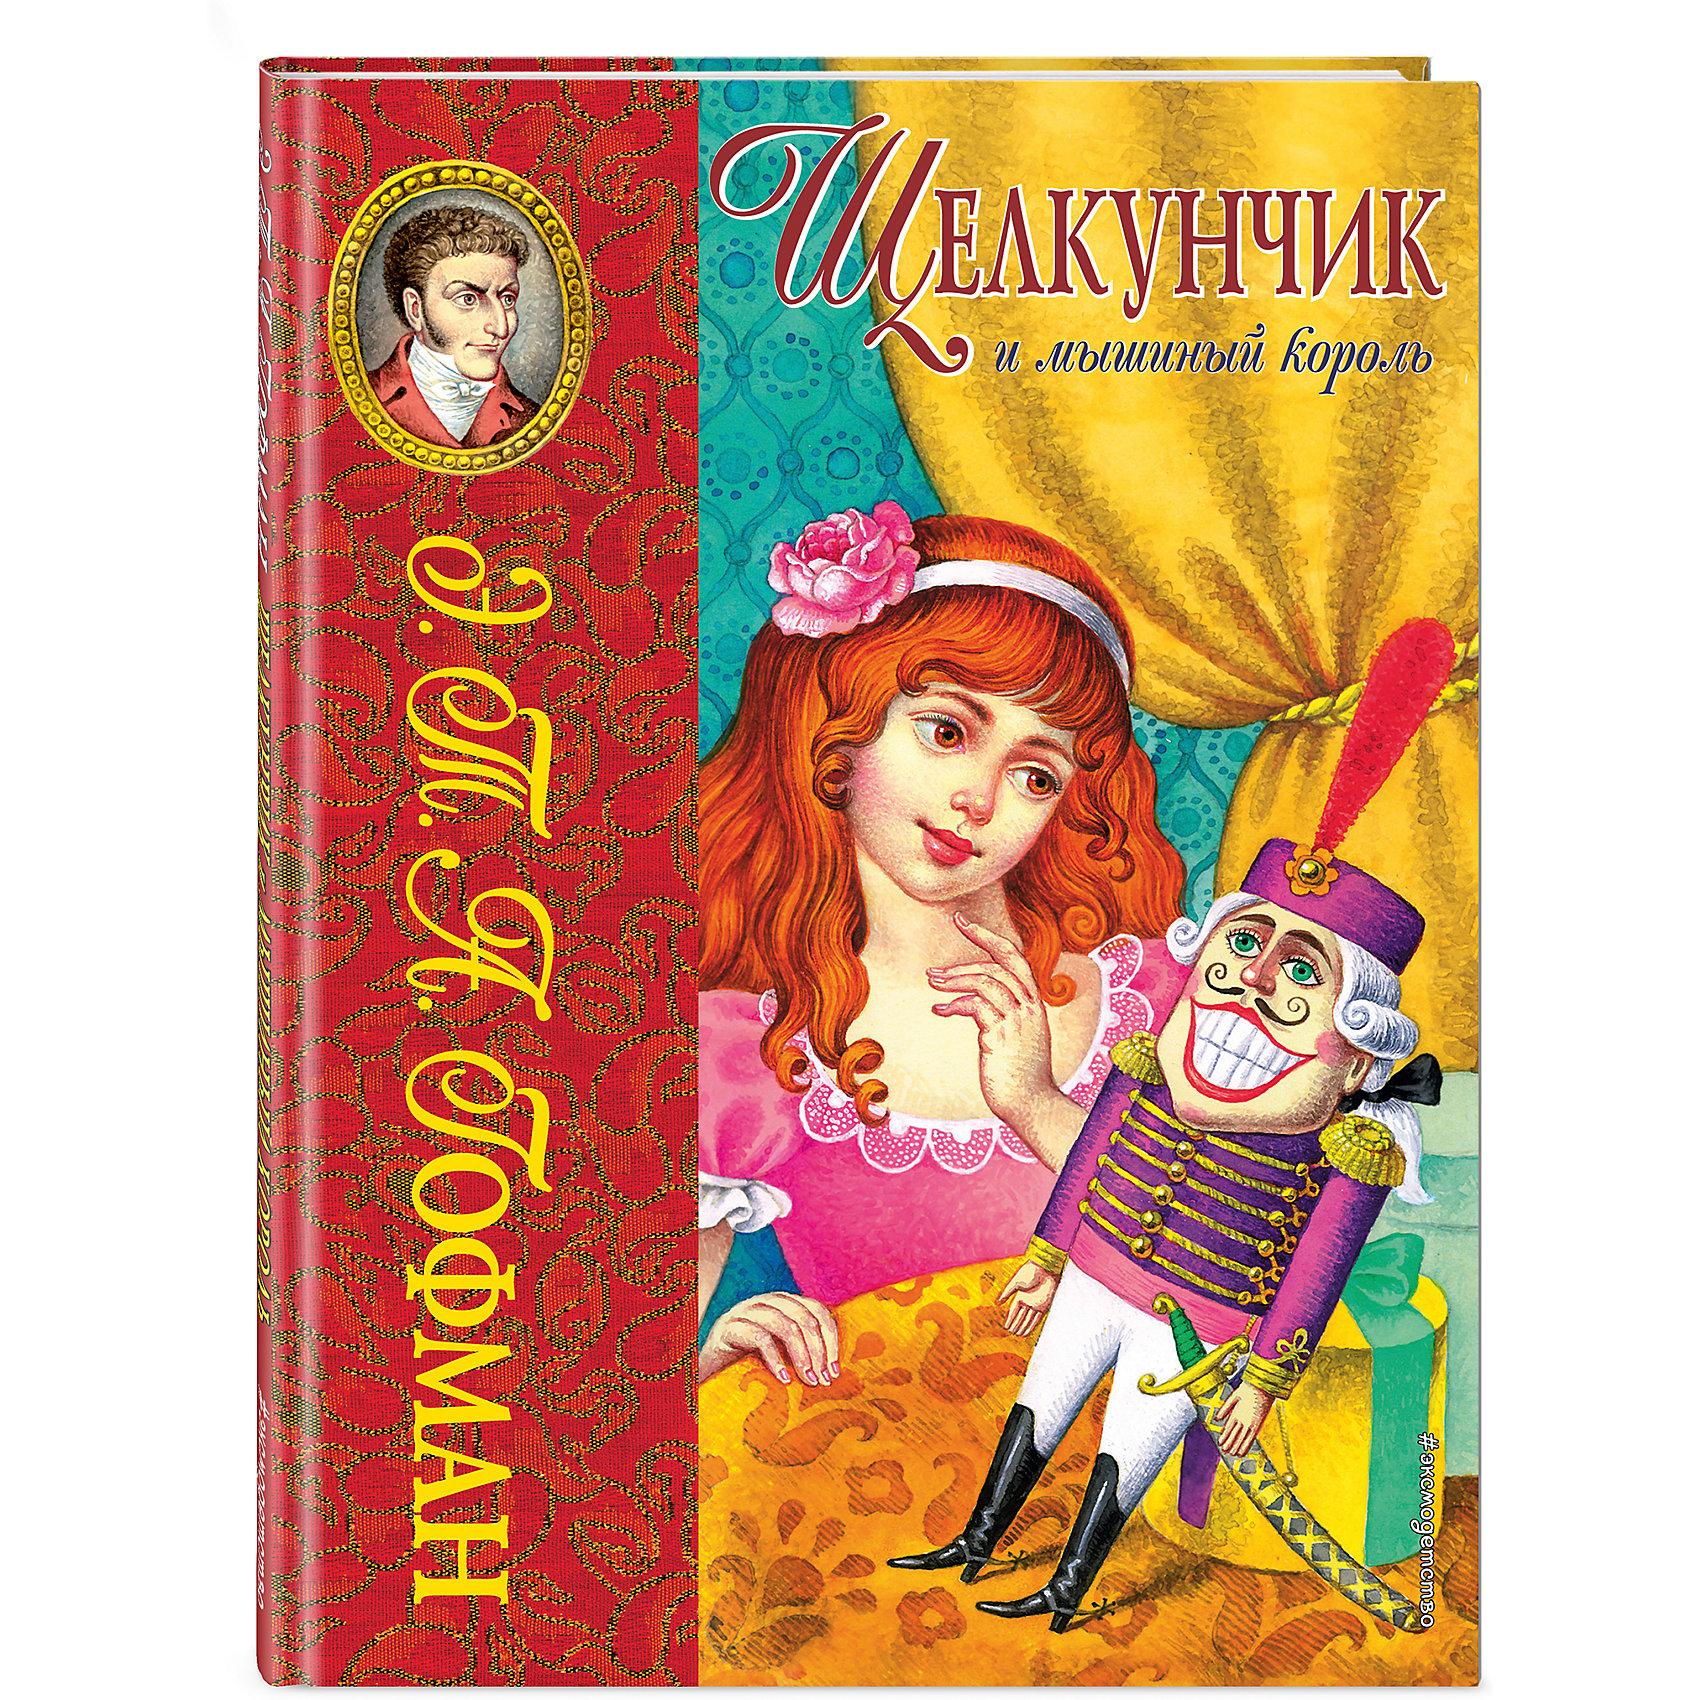 Щелкунчик и мышиный король, Э.Т.А. ГофманСказки, рассказы, стихи<br>Ваш ребенок окунется в мир замечательной и волшебной сказки Щелкунчик и мышиный король! Бессмертная история о добре и зле, любви и отваге обязательно понравится детям. Издание, дополненное красочными иллюстрациями, станет прекрасным подарком на любой праздник! <br><br>Дополнительная информация:<br><br>- Автор: Гофман Эрнст Теодор Амадей<br>- Художник: Егунов Игорь<br>- Перевод и пересказ: Леонид Яхнин.<br>- Формат: 26,8х20,3 см.<br>- Переплет: твердый.<br>- Количество страниц: 64<br>- Иллюстрации: цветные.<br><br>Книгу Щелкунчик и мышиный король  (ил. И. Егунова), можно купить в нашем магазине.<br><br>Ширина мм: 255<br>Глубина мм: 197<br>Высота мм: 9<br>Вес г: 354<br>Возраст от месяцев: 36<br>Возраст до месяцев: 72<br>Пол: Унисекс<br>Возраст: Детский<br>SKU: 4414922